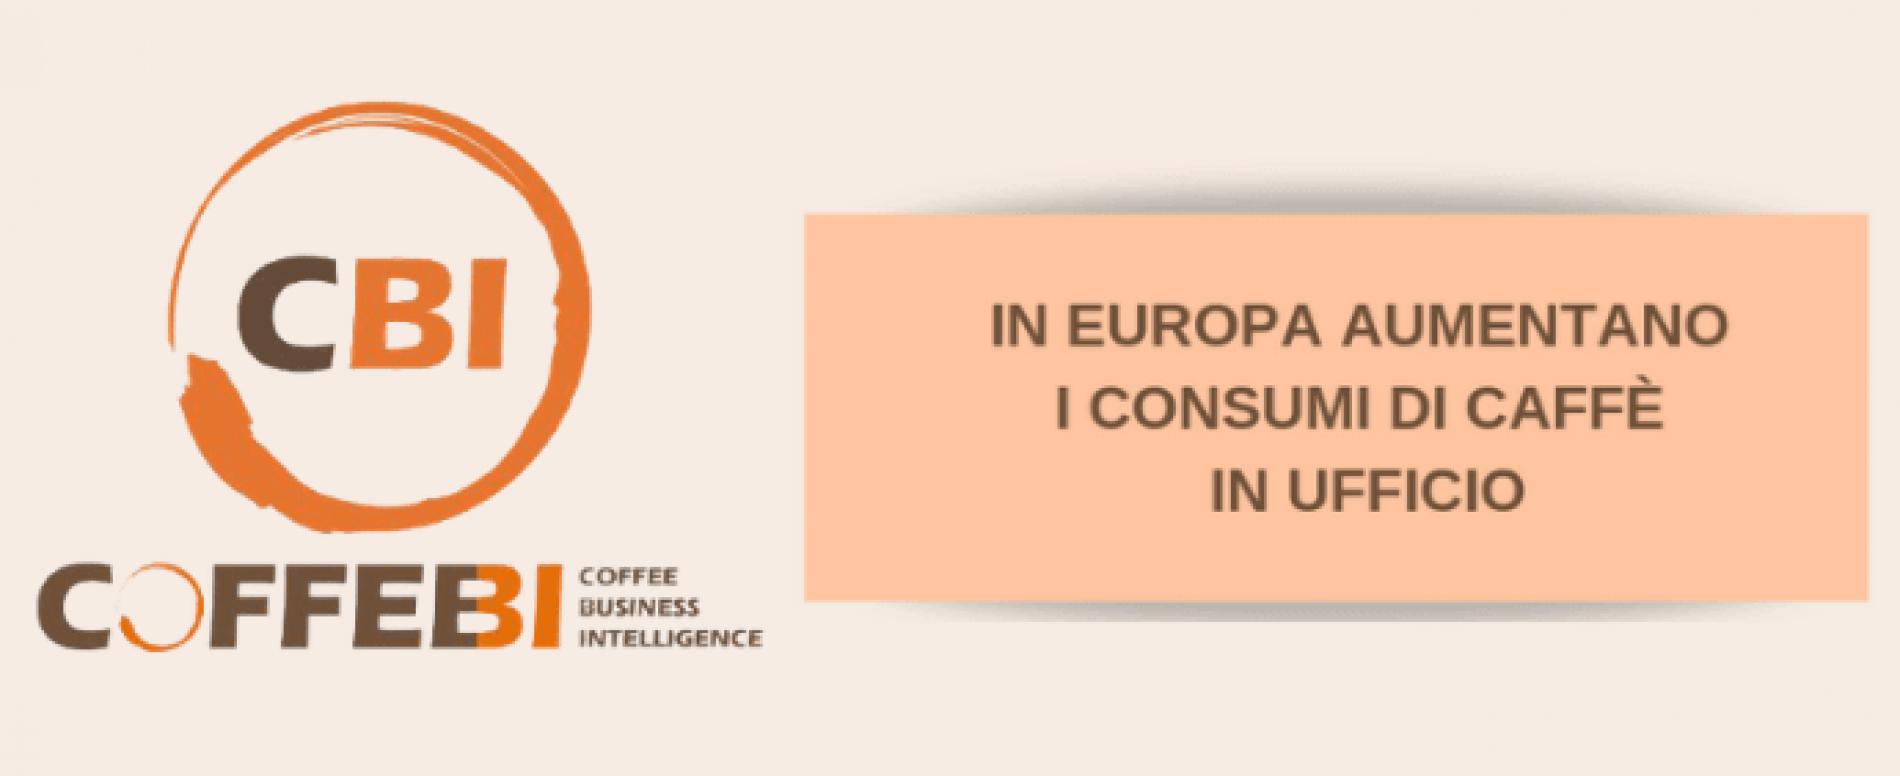 In Europa crescono i consumi di caffè in ufficio